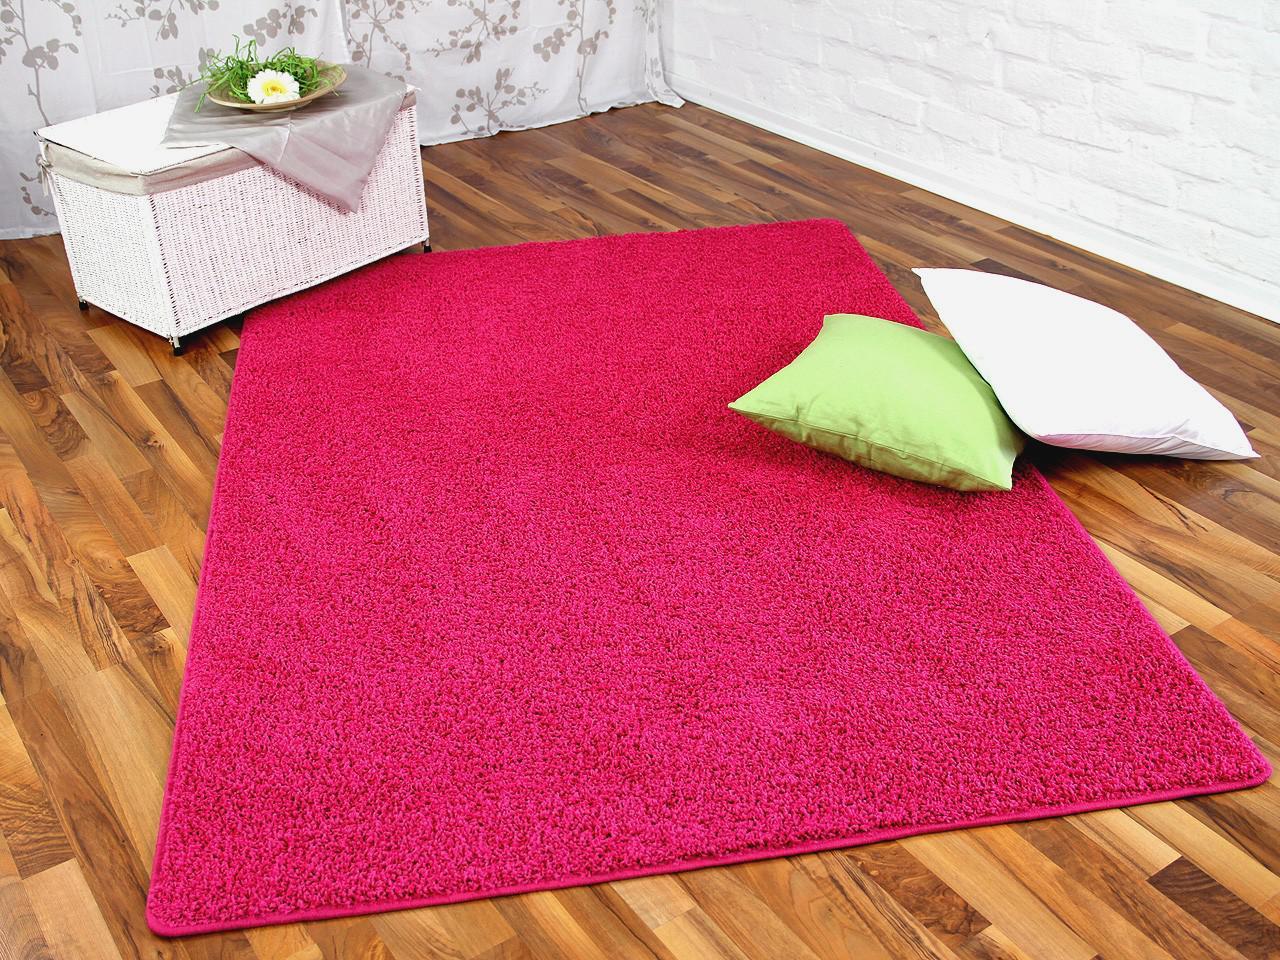 hochflor shaggy teppich prestige pink in 24 gr en. Black Bedroom Furniture Sets. Home Design Ideas